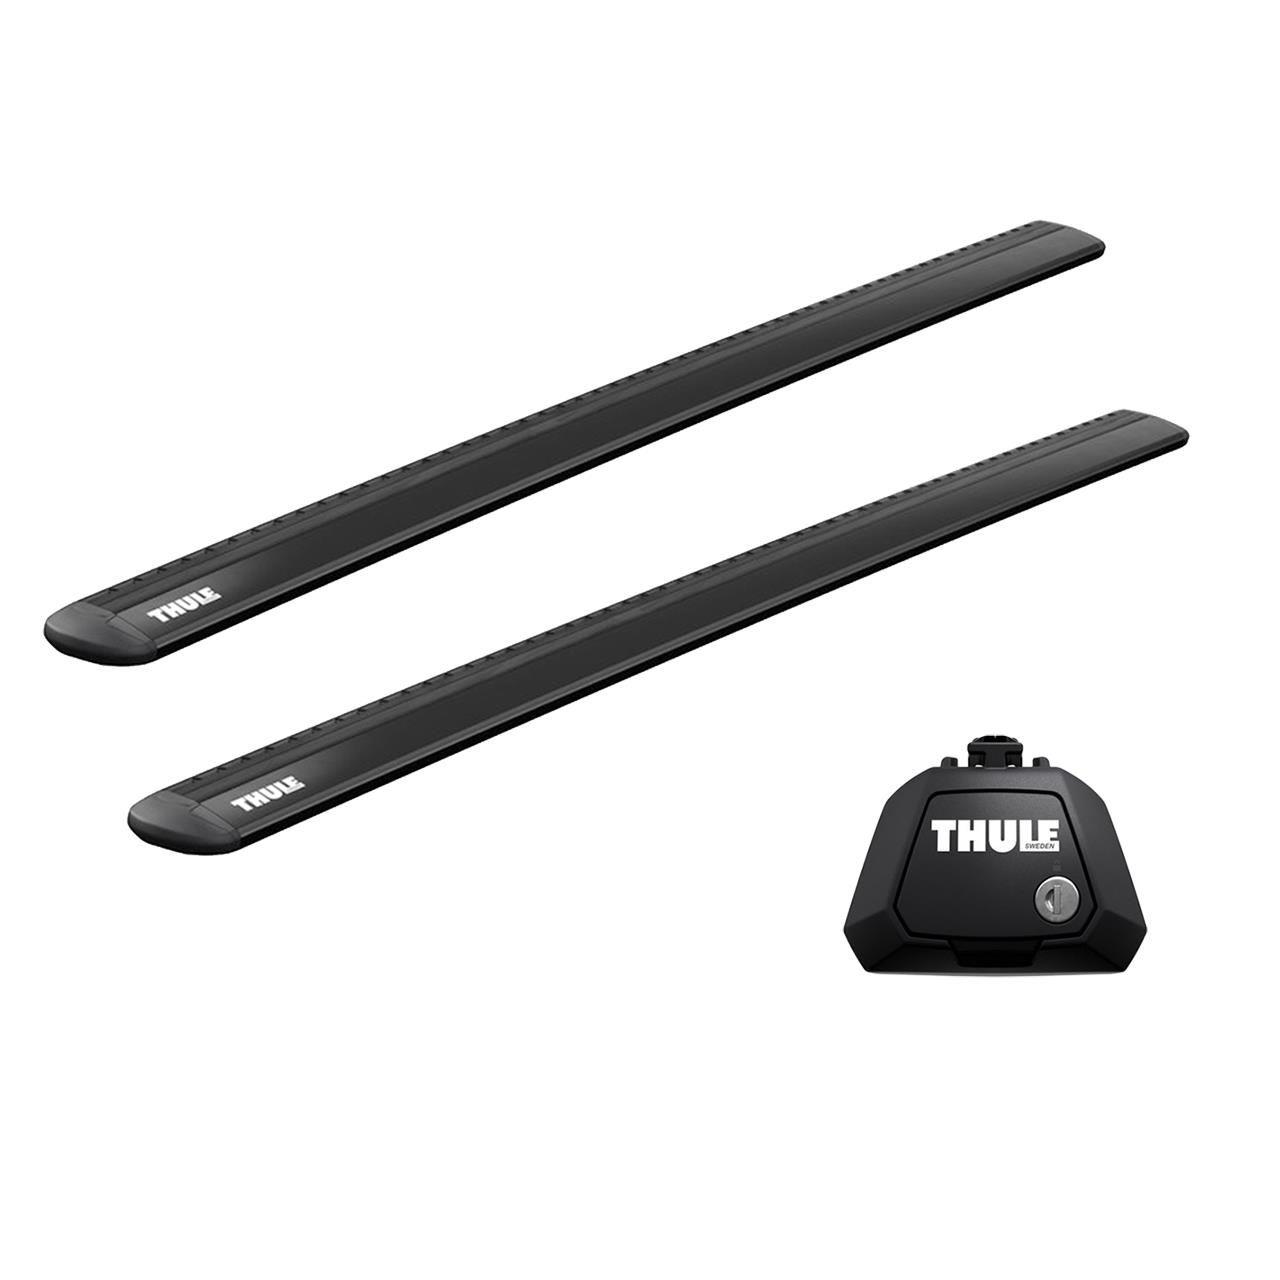 Напречни греди Thule Evo Raised Rail WingBar Evo 127cm в Черно за HONDA Elysion 5 врати MPV 2004- (JPN) с фабрични надлъжни греди с просвет 1